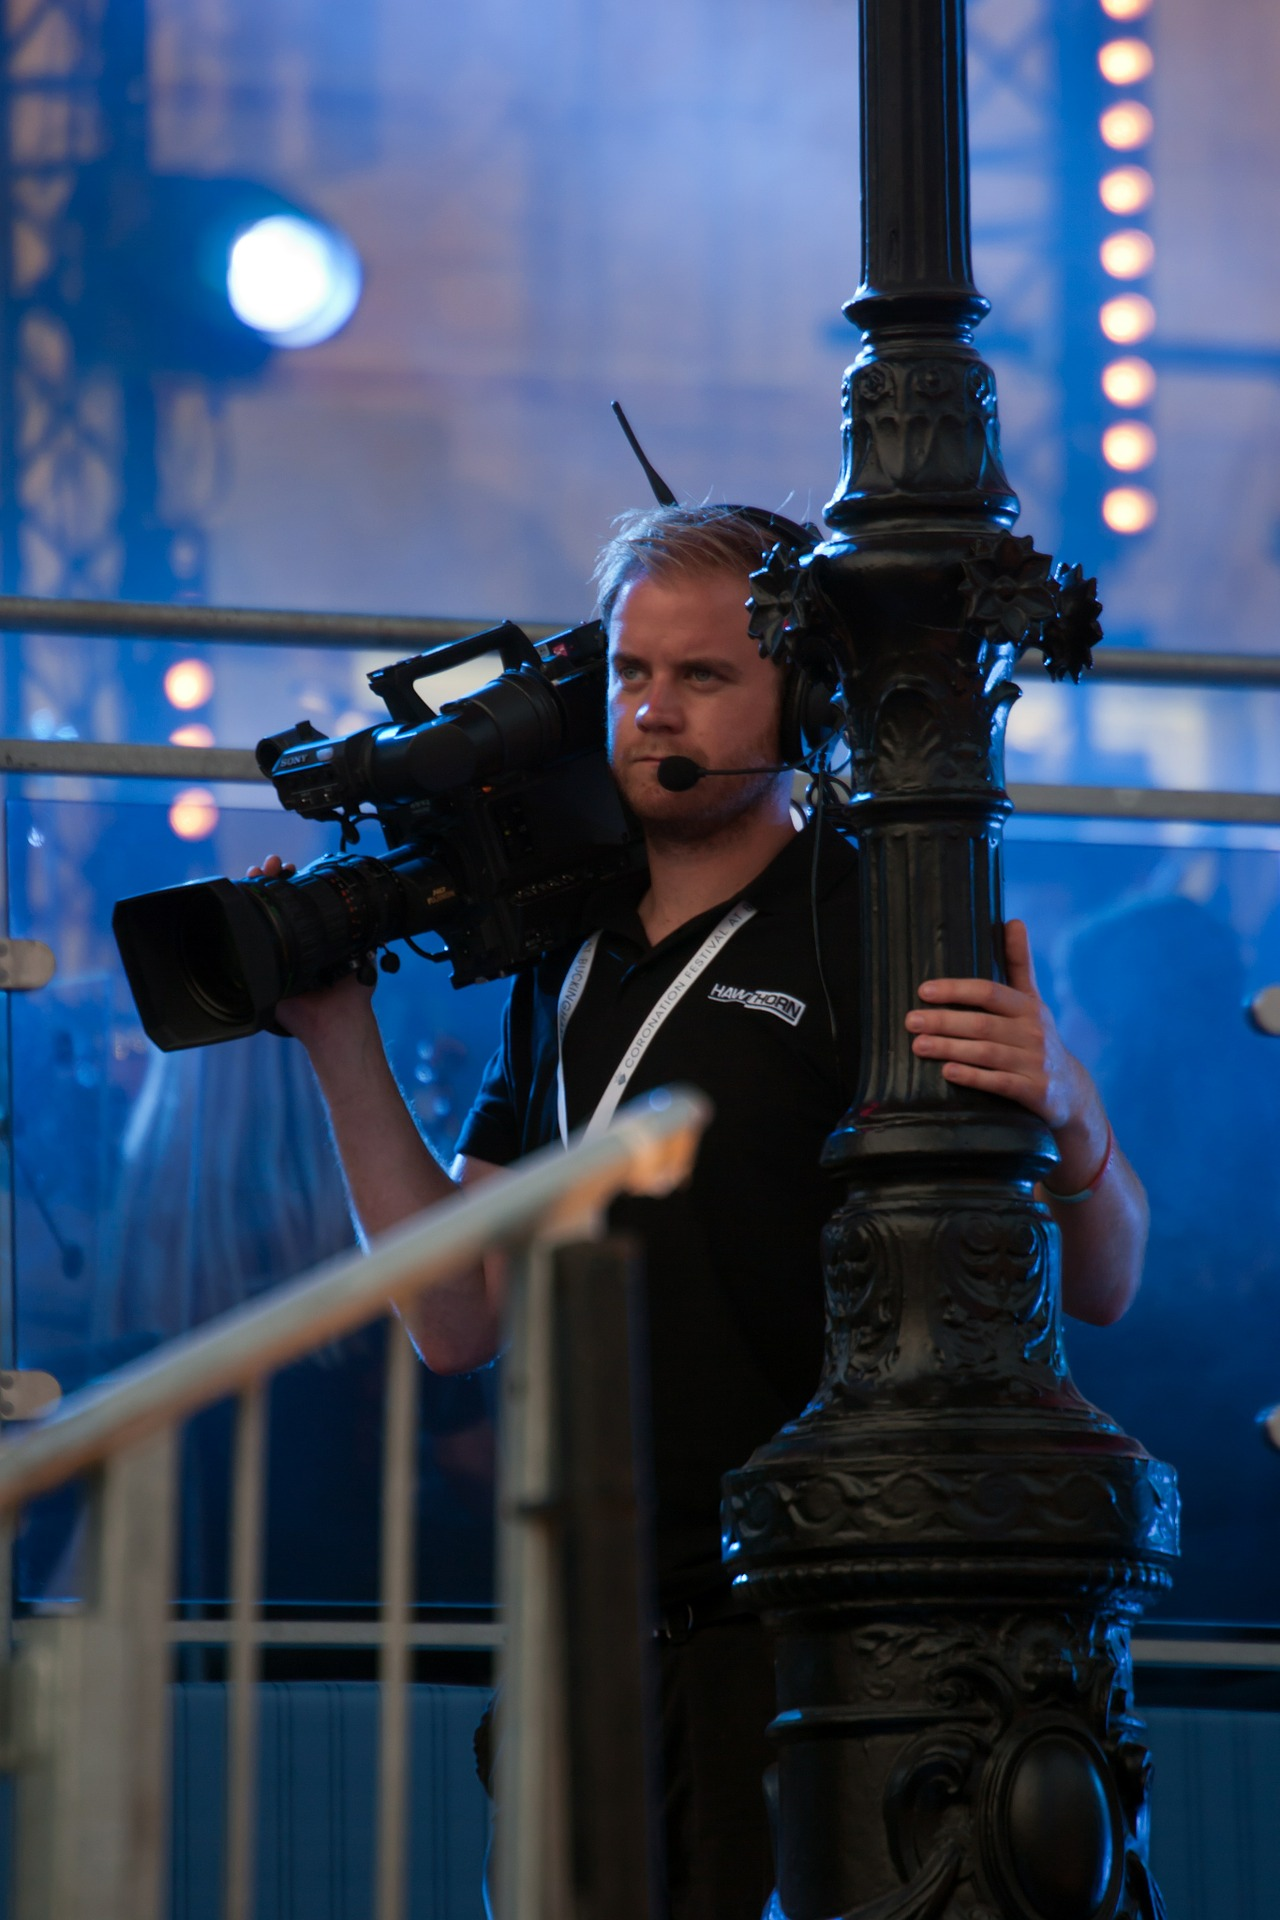 cameraman-382886_1920